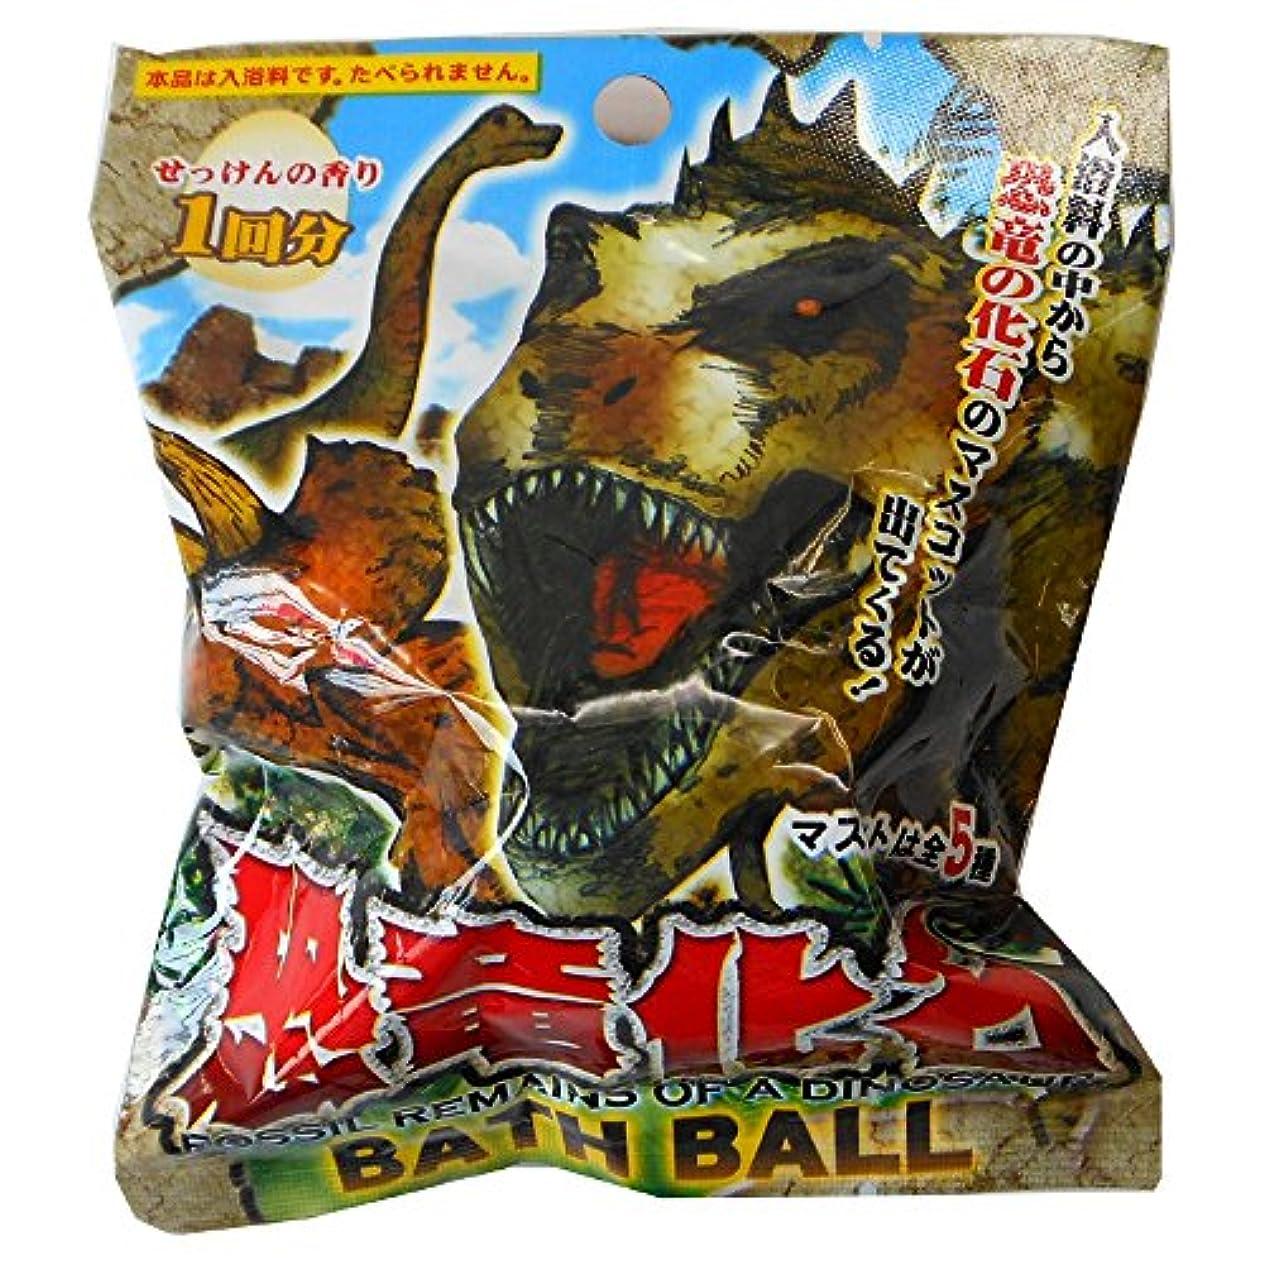 恐竜化石バスボ-ル 2AS24